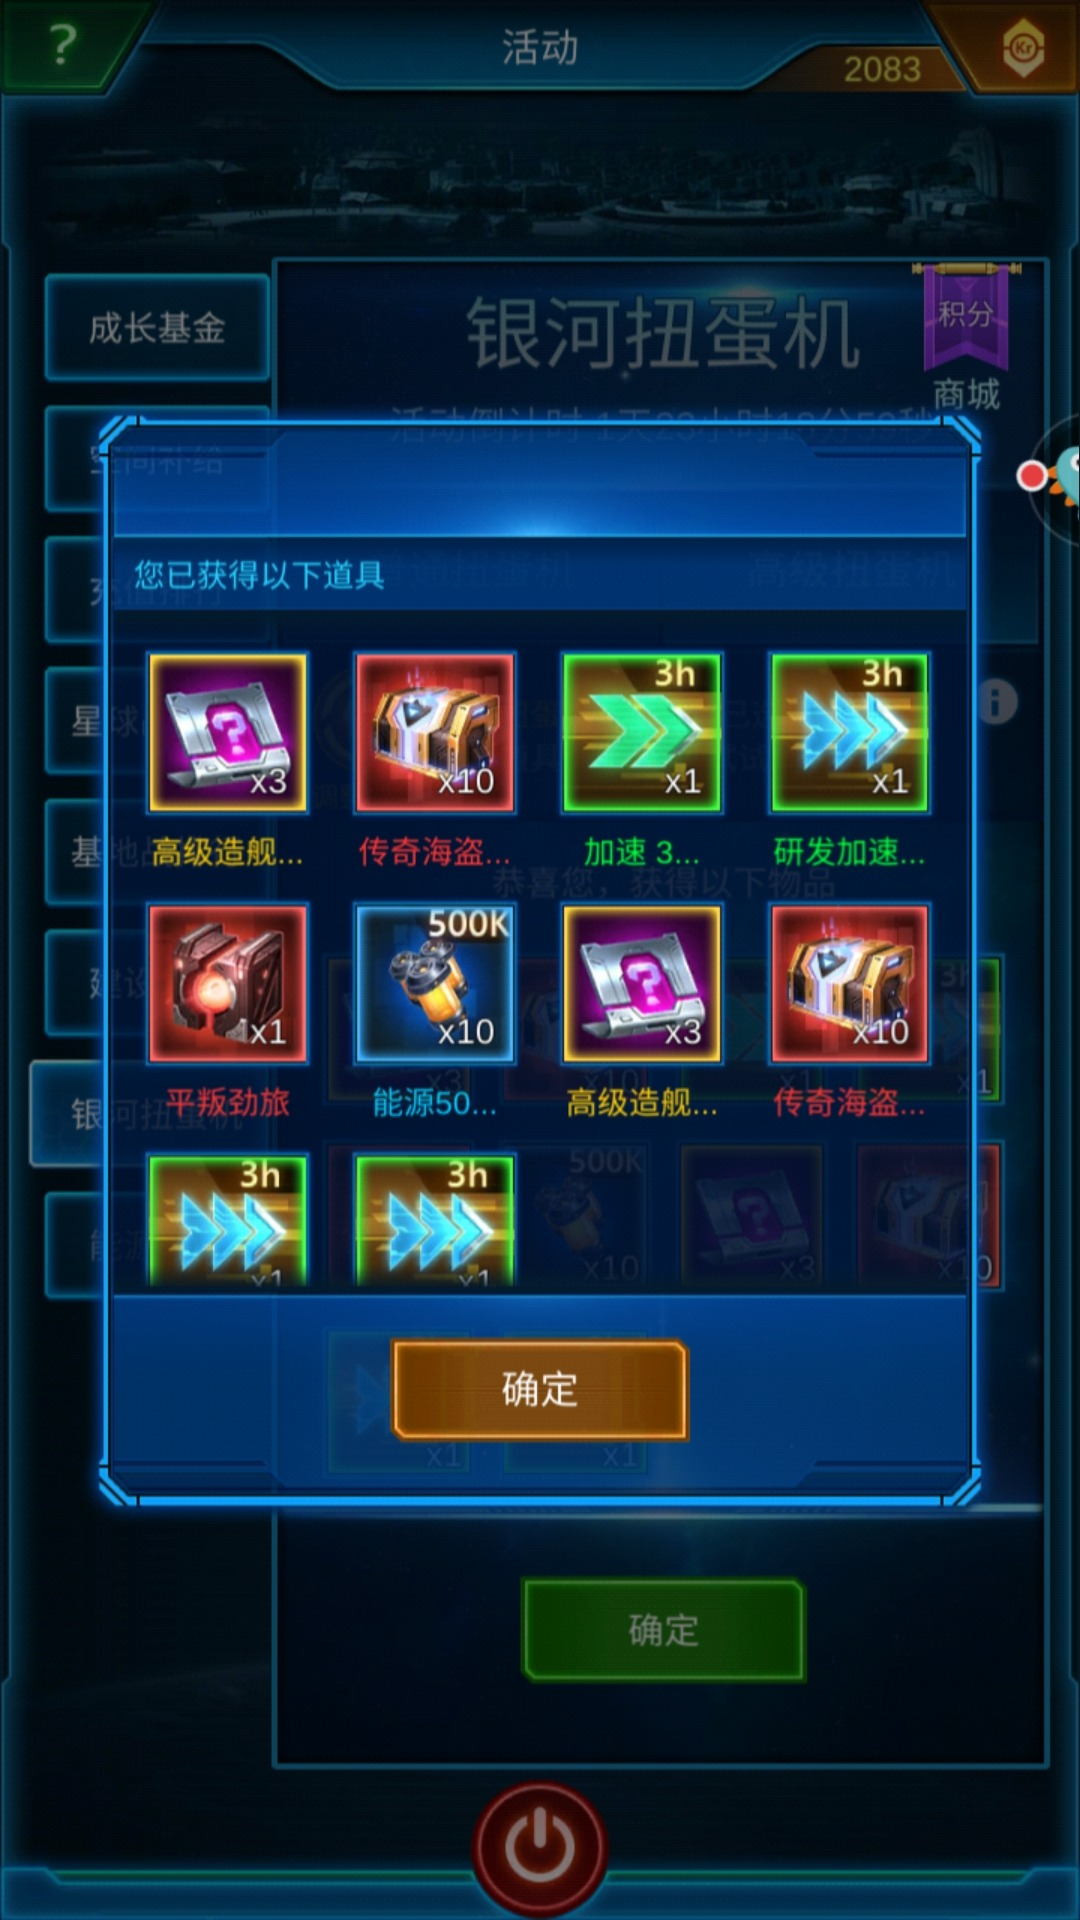 Screenshot_20200405_124059_com.jedigames.p16s.aligames.jpg